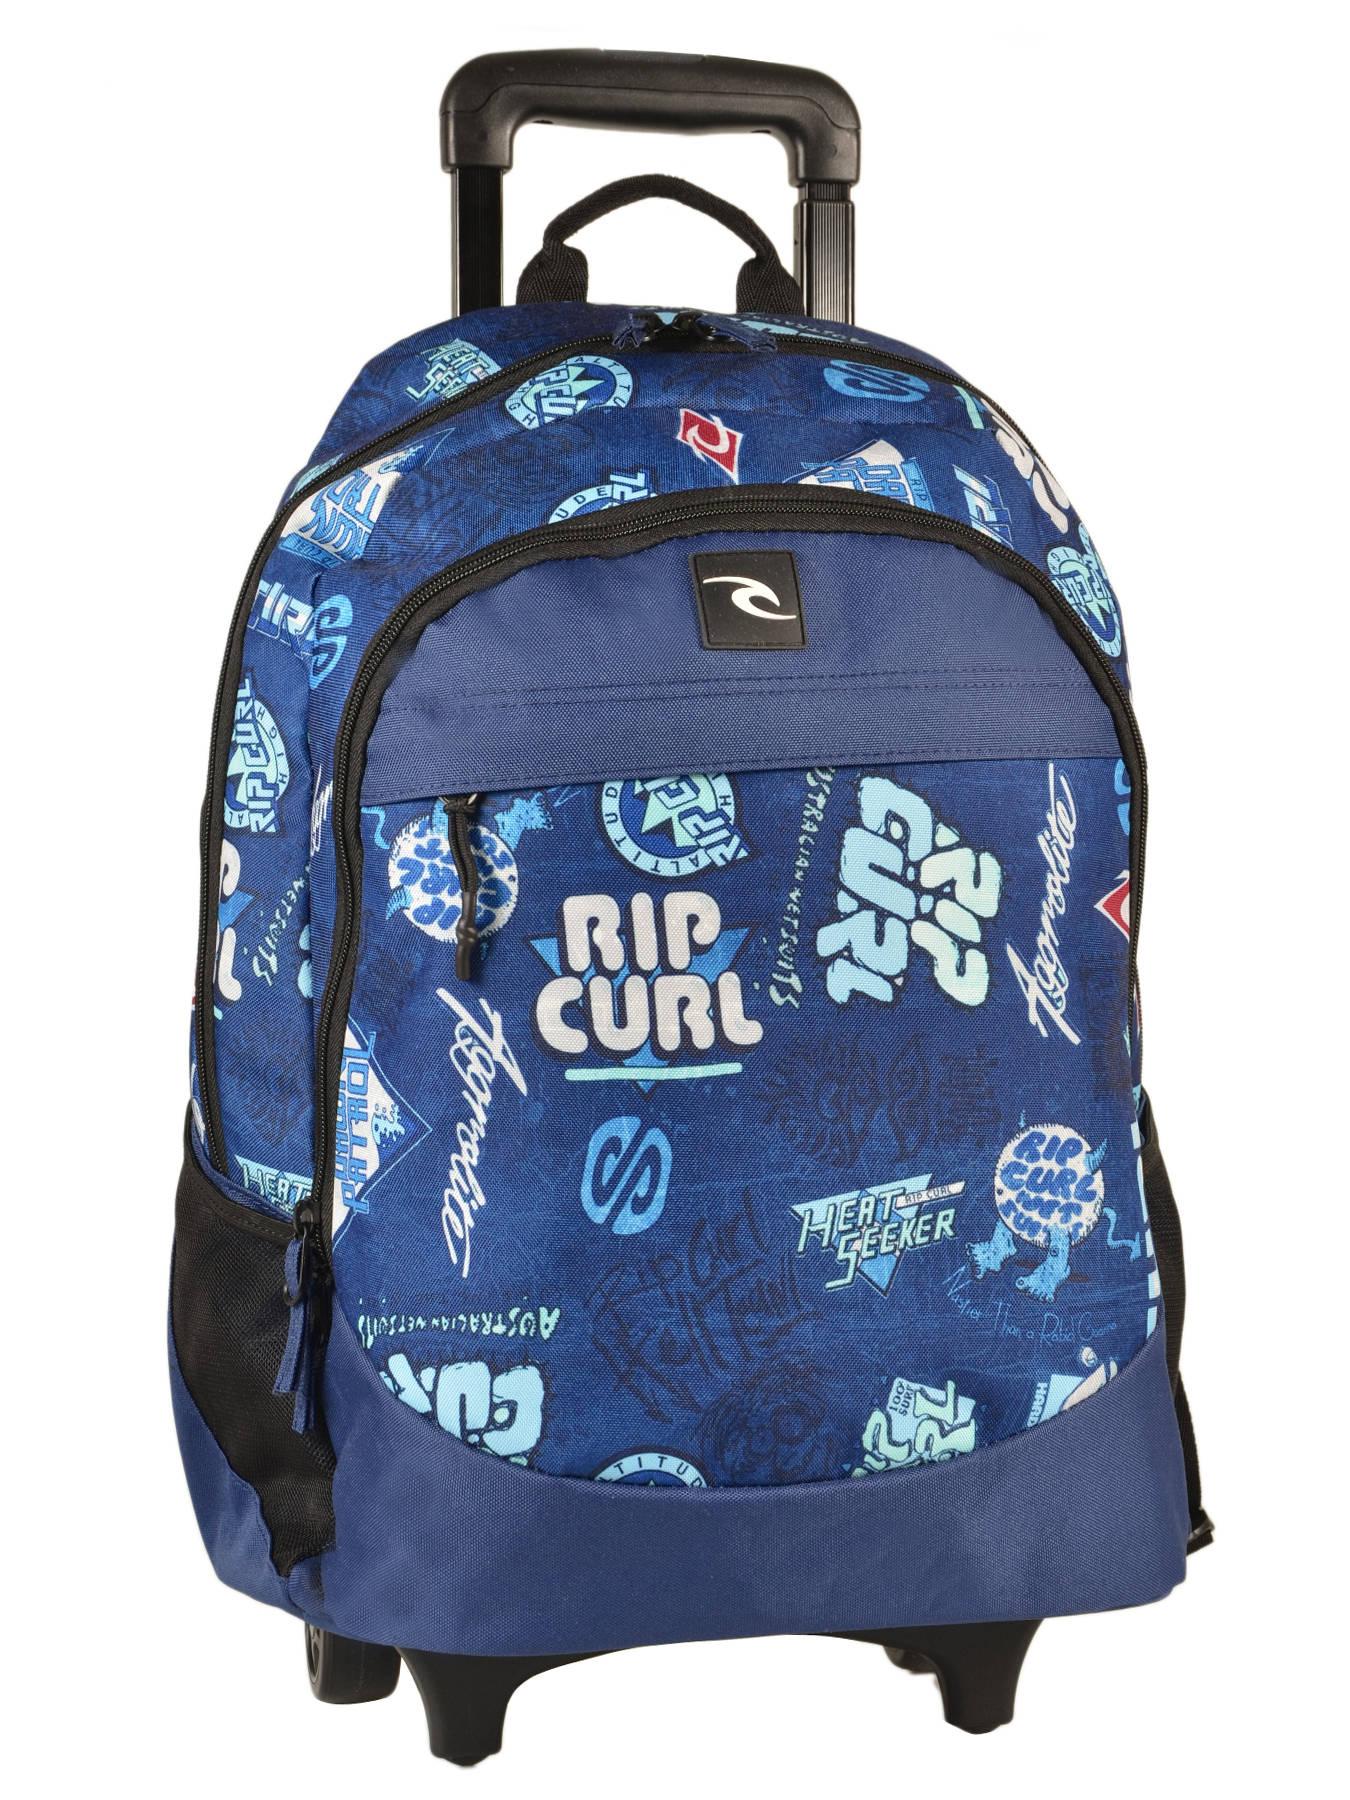 Rip Curl - Sac à dos à roulettes Heritage Logo (bbpjc4) taille 46 cm YvmZ5QT0Wk